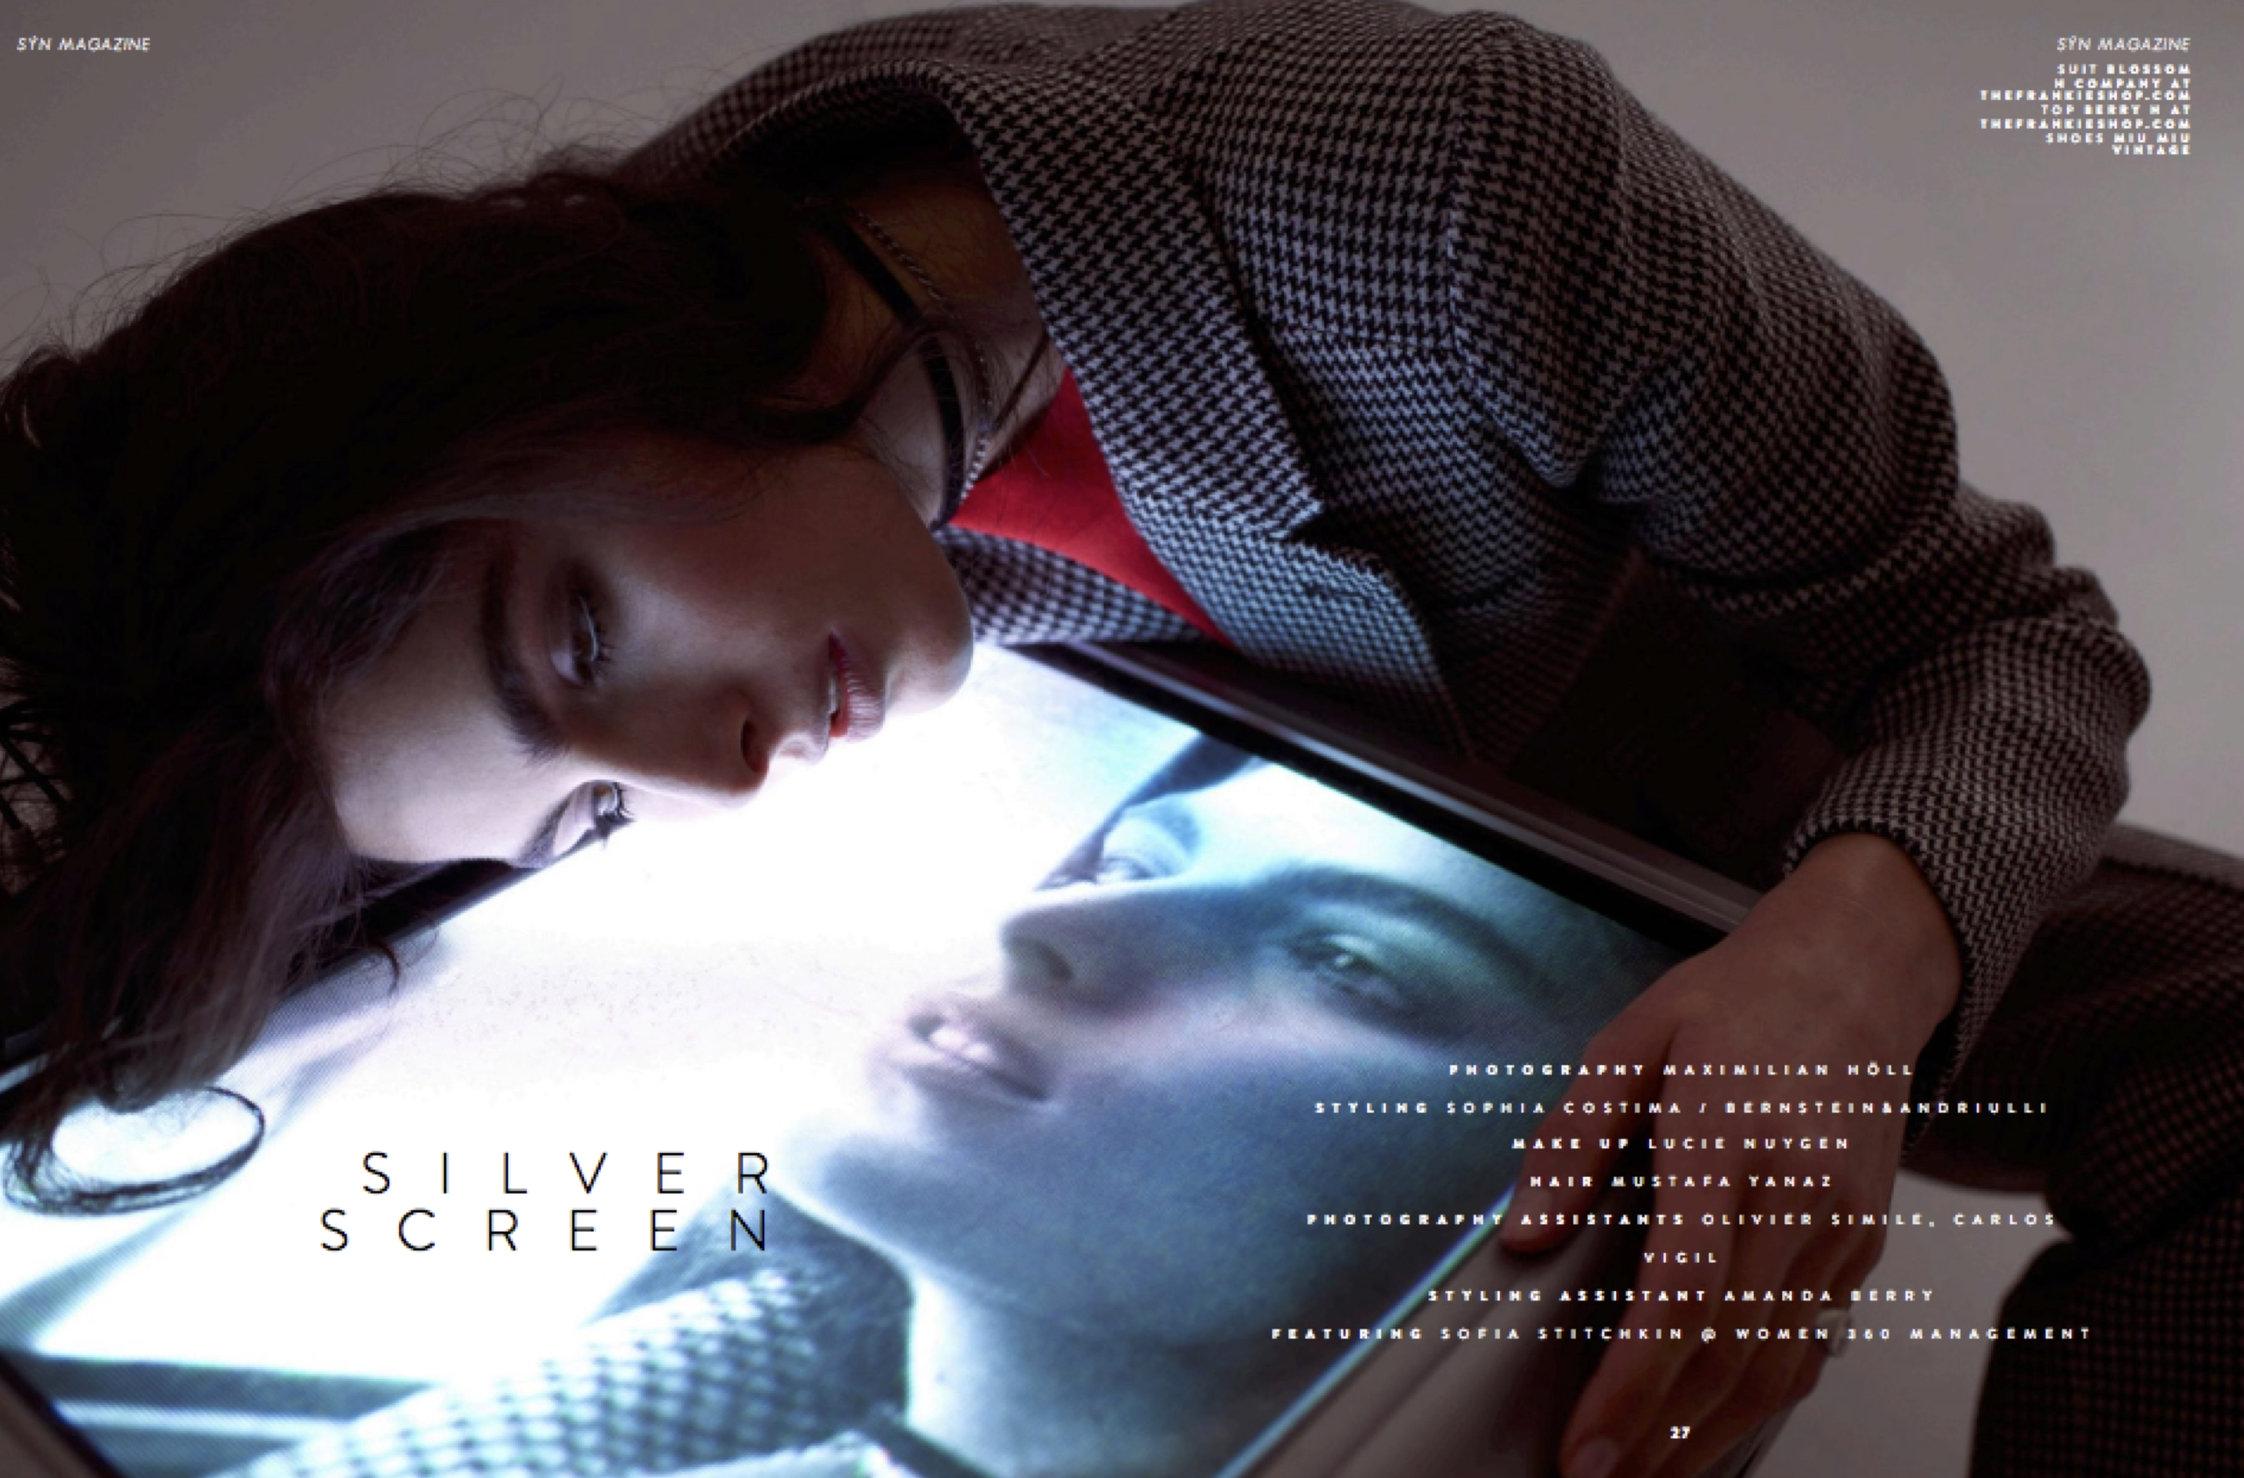 silvercreen1 WEB.jpg